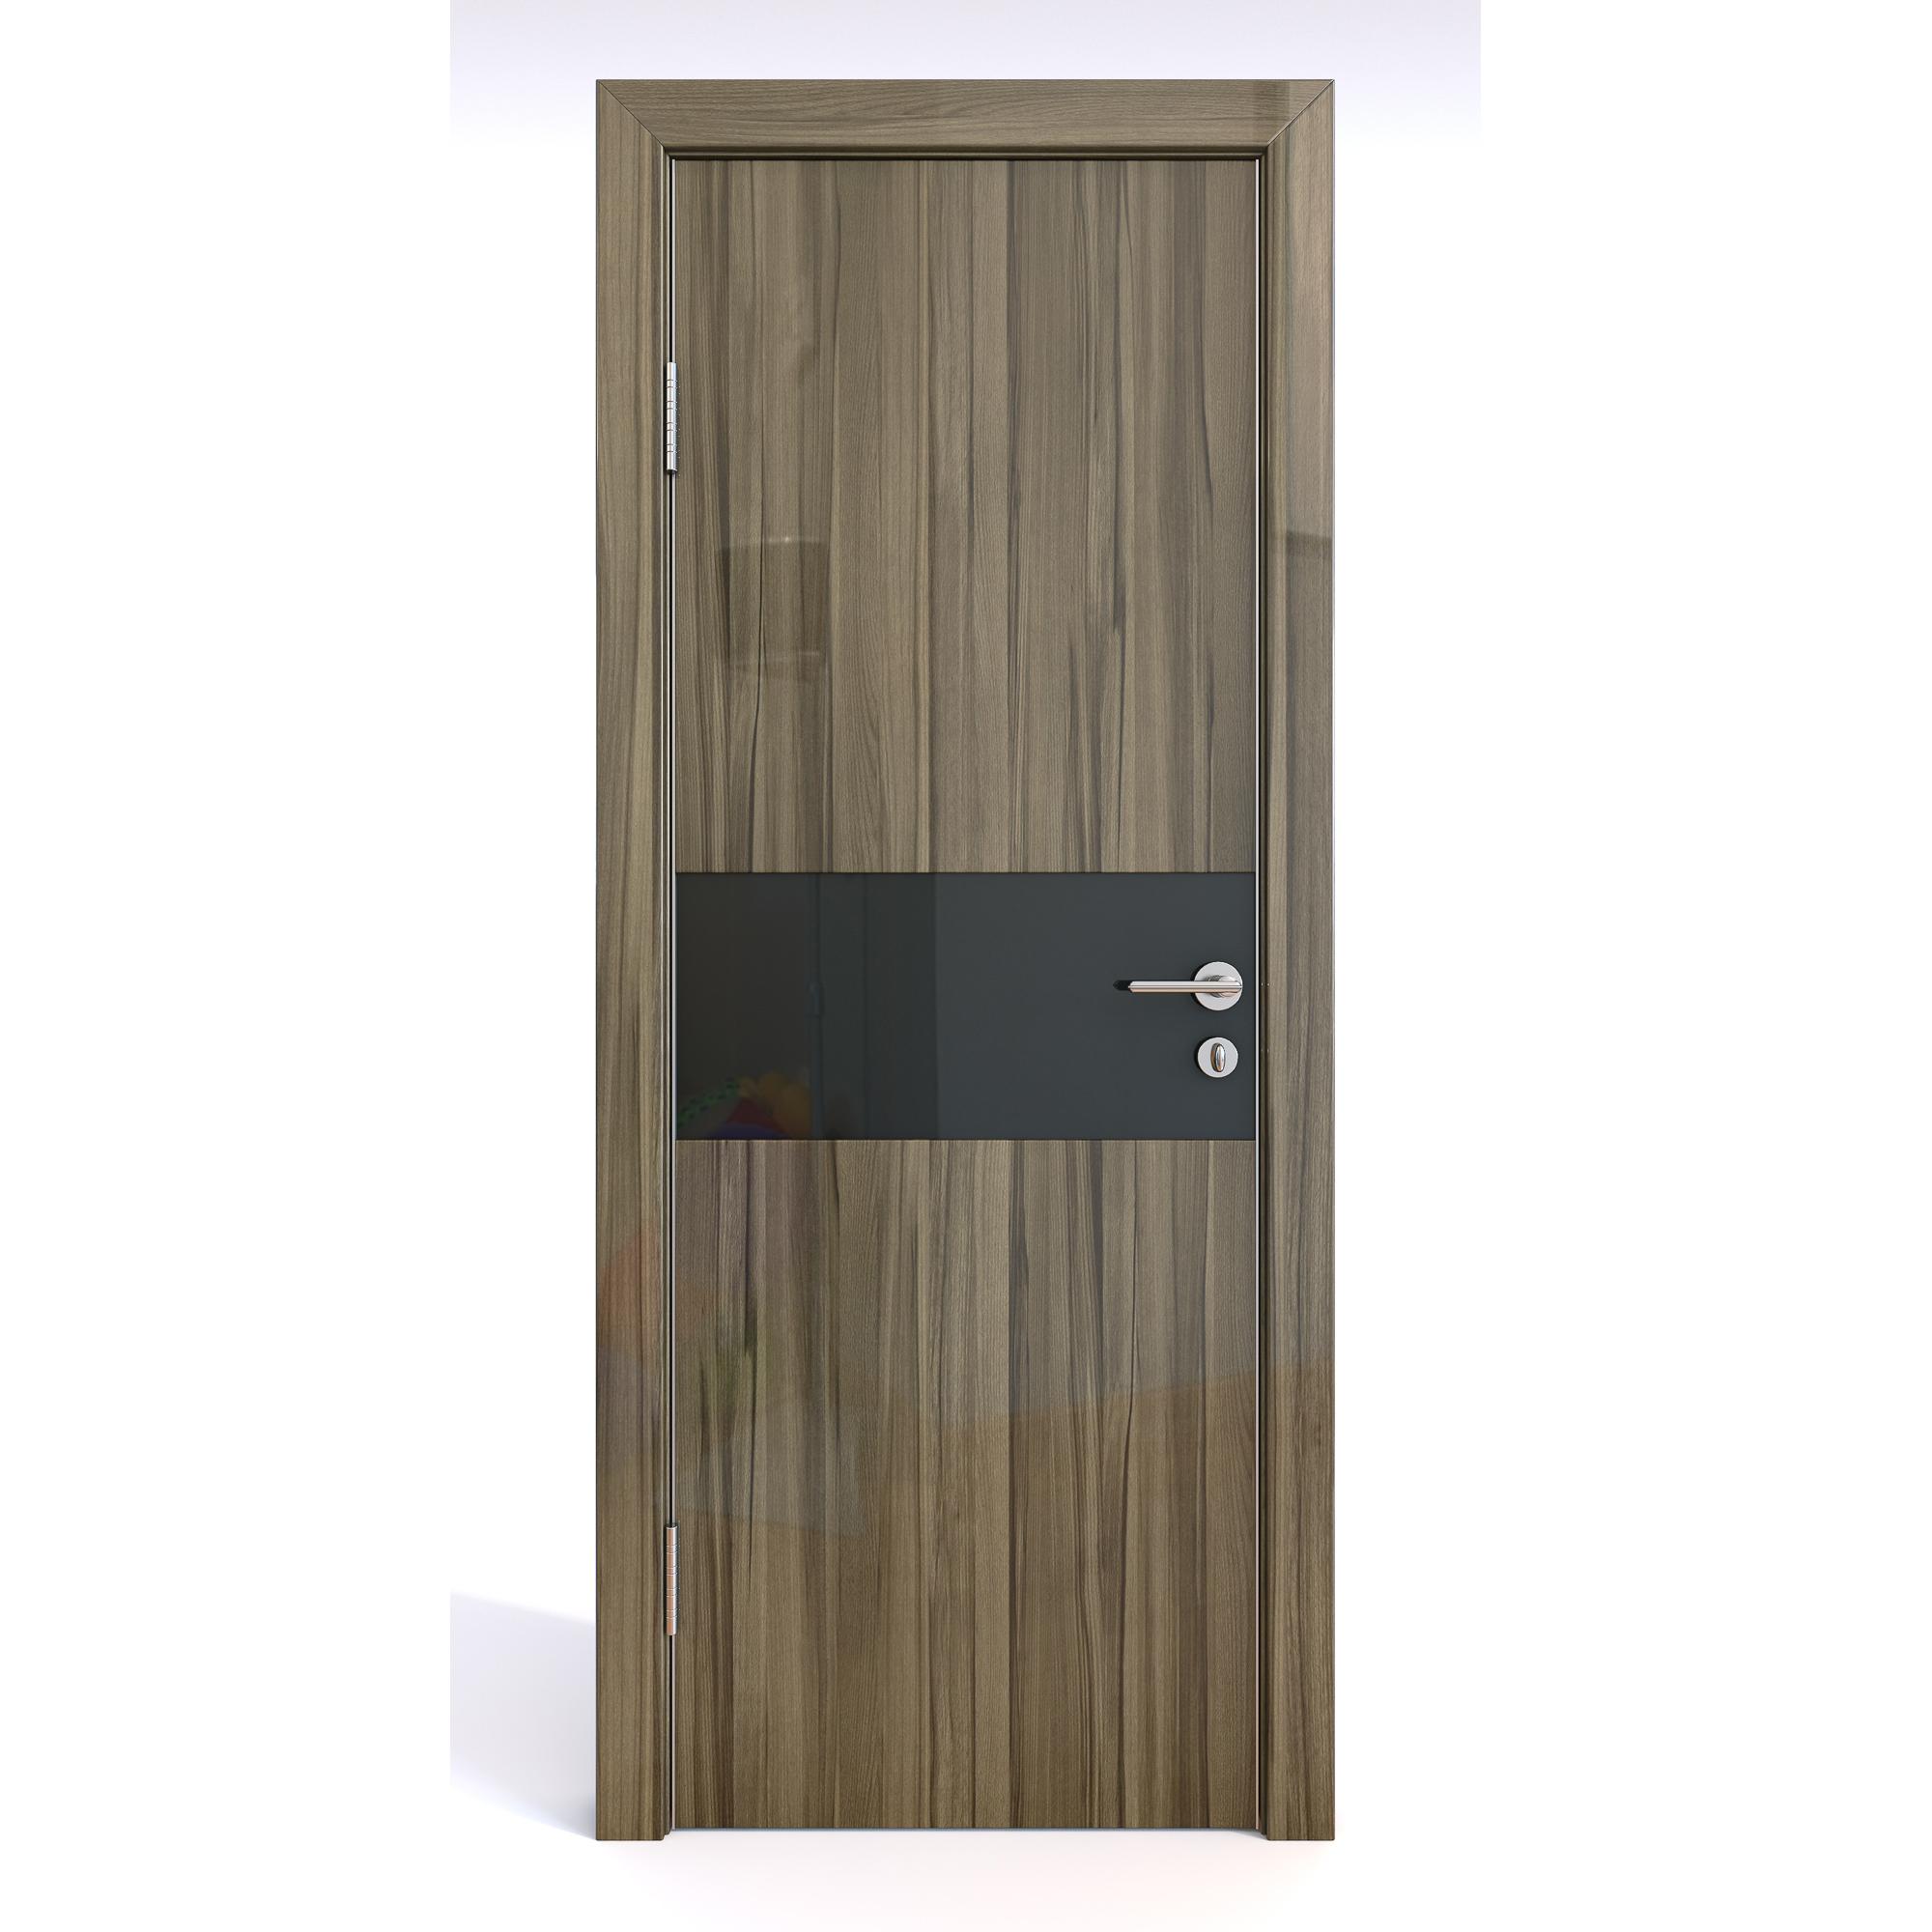 Межкомнатная шумоизоляционная дверь ДО-601/1 Сосна глянец/черное 200х80 фото